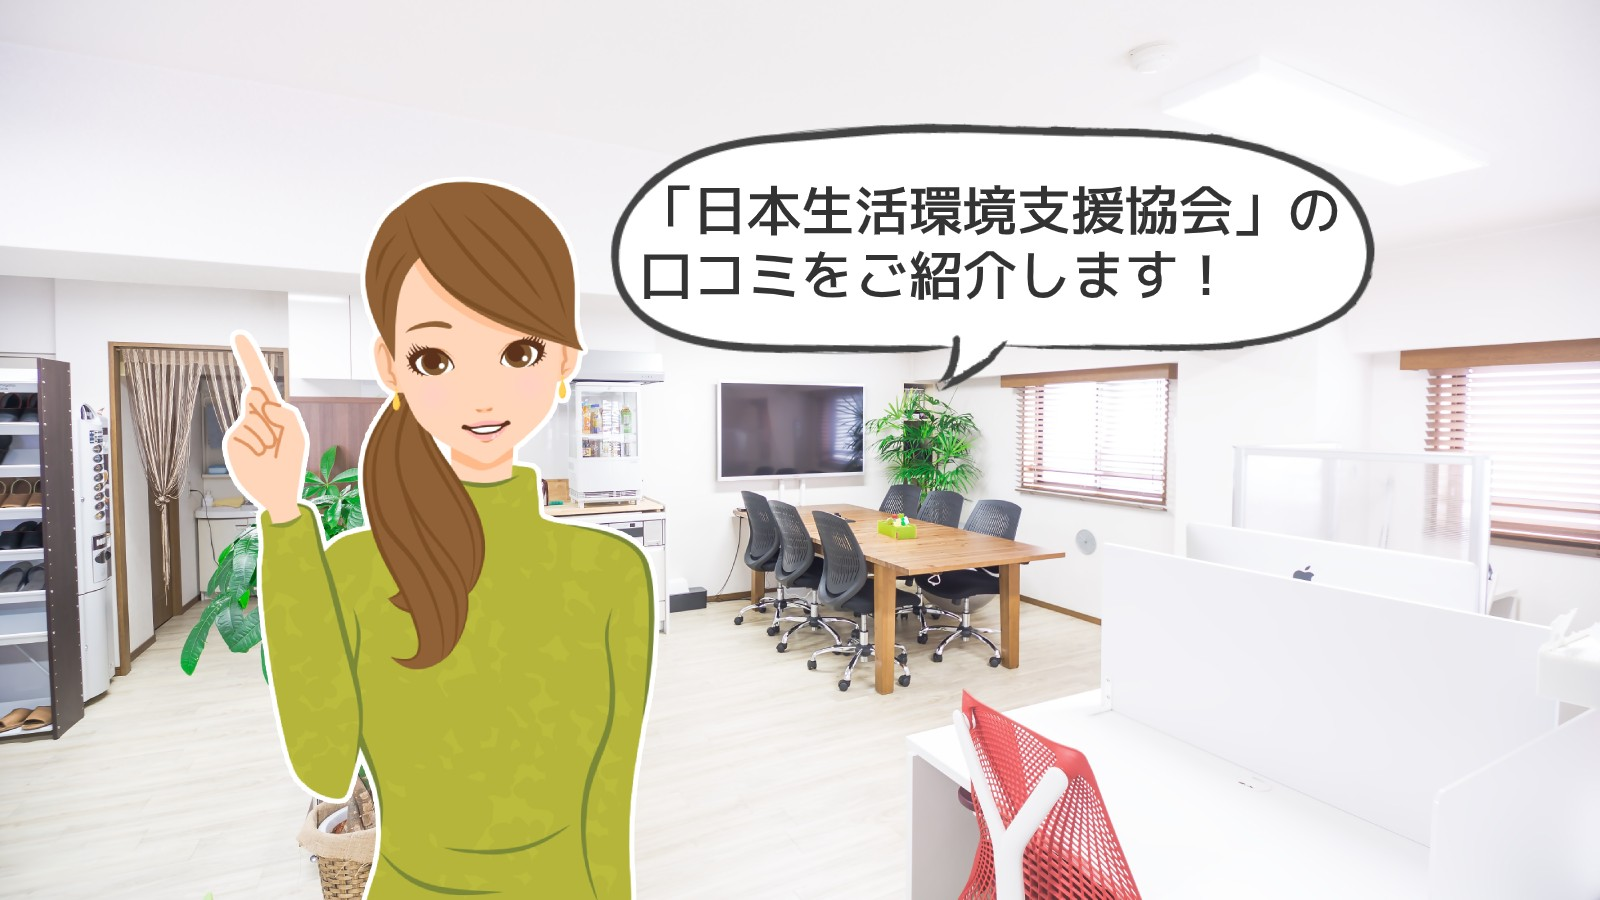 「日本生活環境支援協会」のアイキャッチ画像